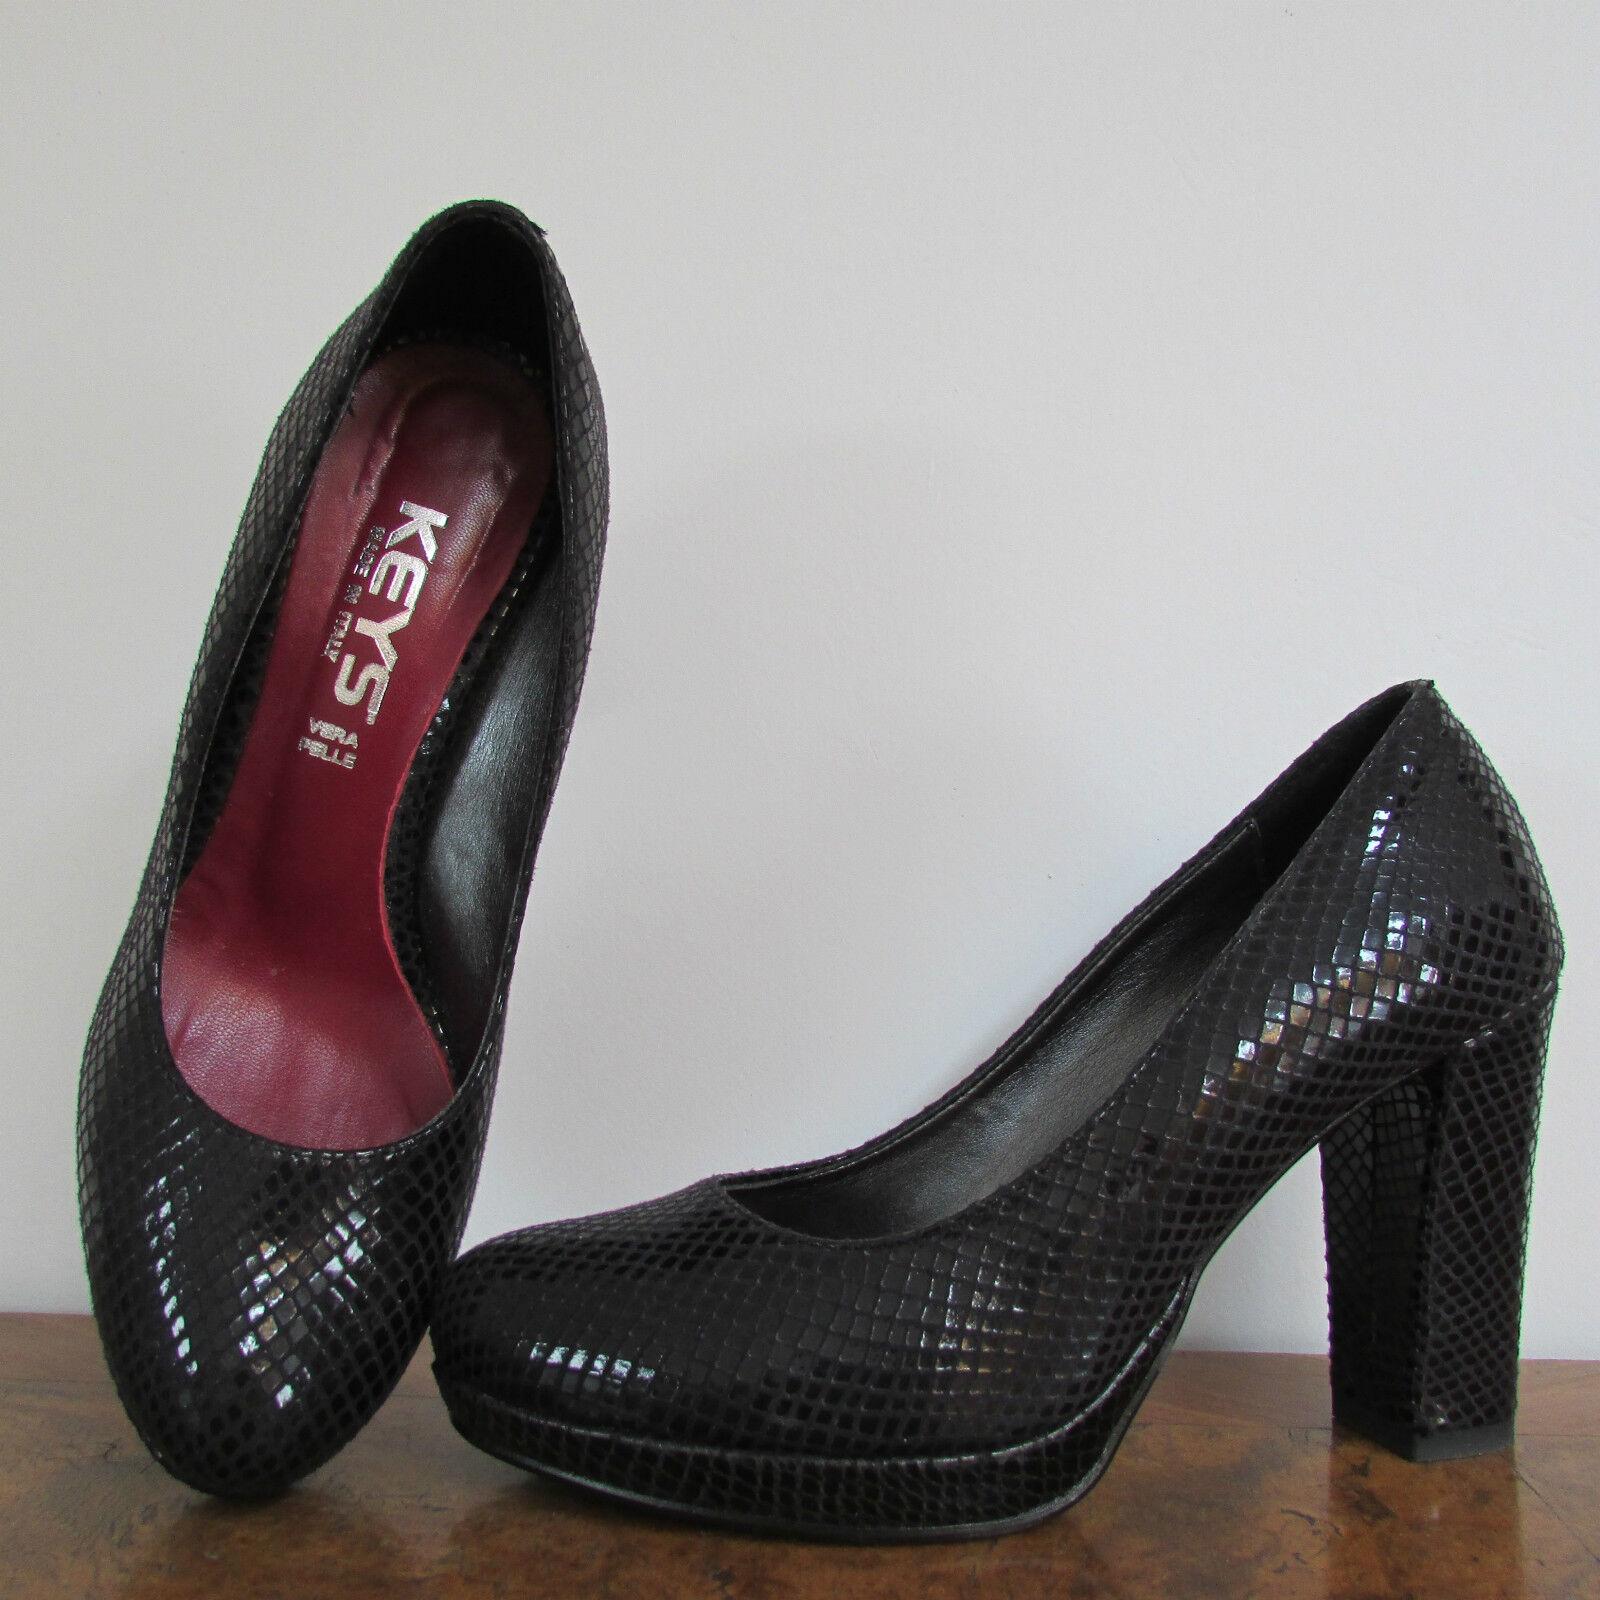 il più alla moda Scarpe Scarpe Scarpe décolleté Keys 37 pelle nera con interno bordeaux serpente  presa di fabbrica